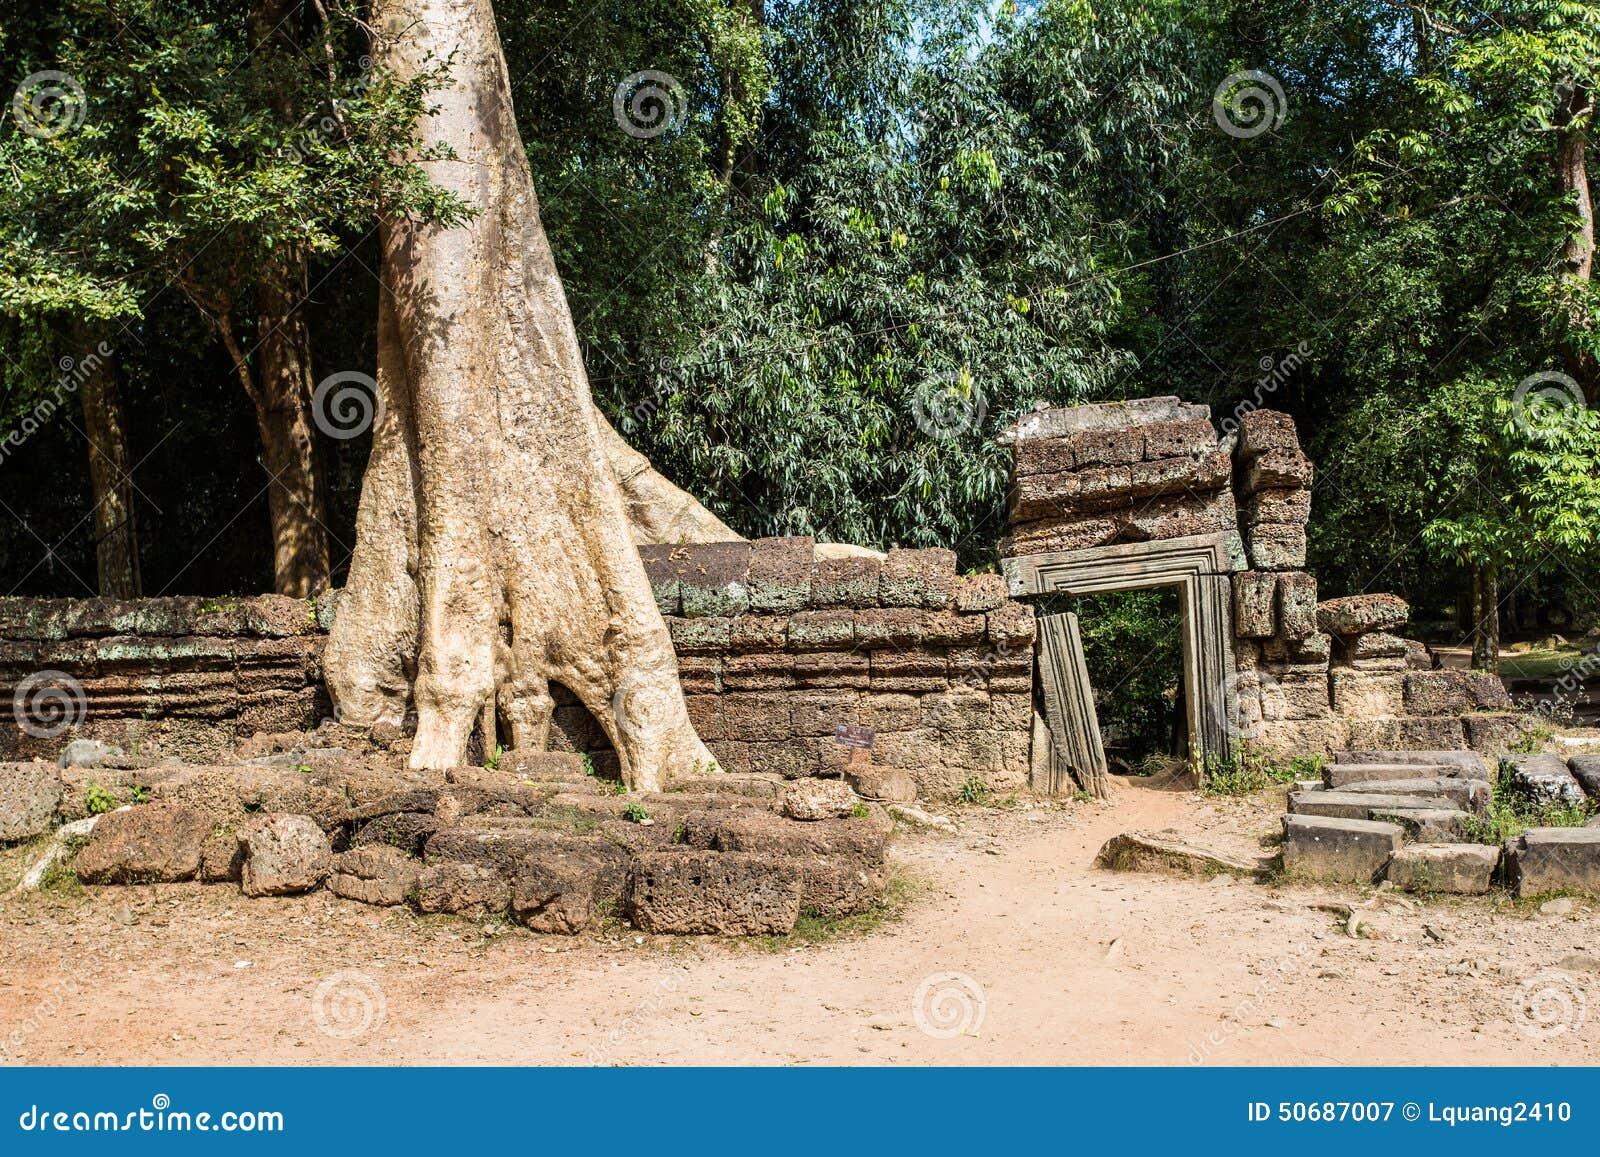 Download 柬埔寨prohm ta寺庙 库存图片. 图片 包括有 镇痛药, 印度, 投反对票, 本质, 拱道, 改良 - 50687007